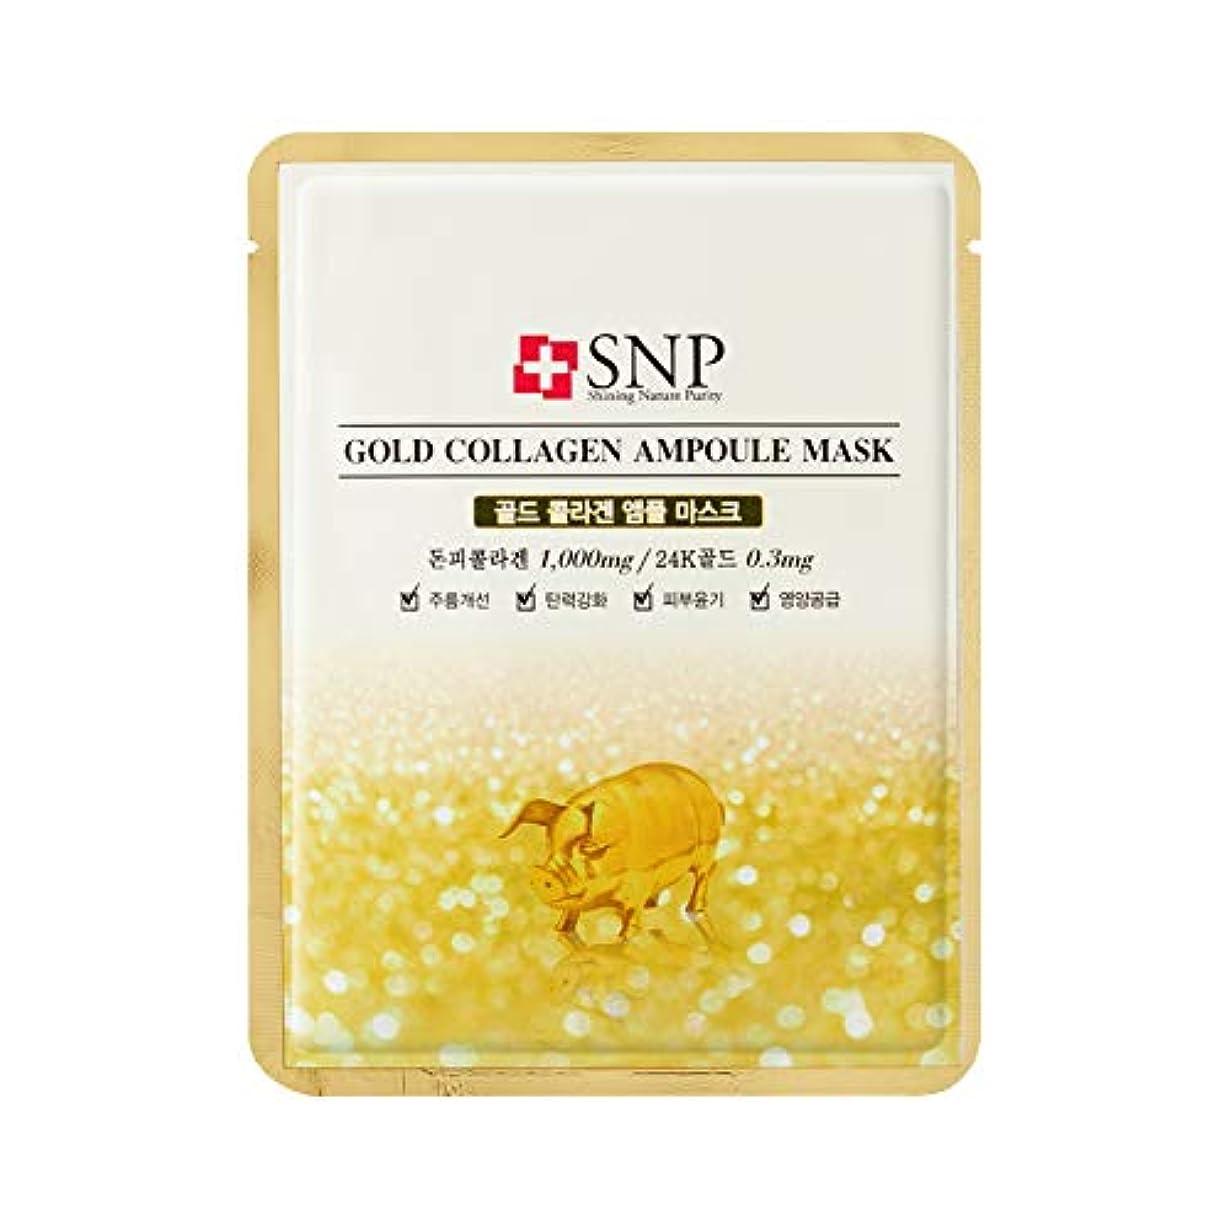 弁護士写真を撮る資料【SNP公式】ゴールドコラーゲンアンプルマスク10枚セット/Gold Collagen Ampoul Mask 25ml 韓国コスメ 韓国パック フェイスマスク マスクパック 保湿